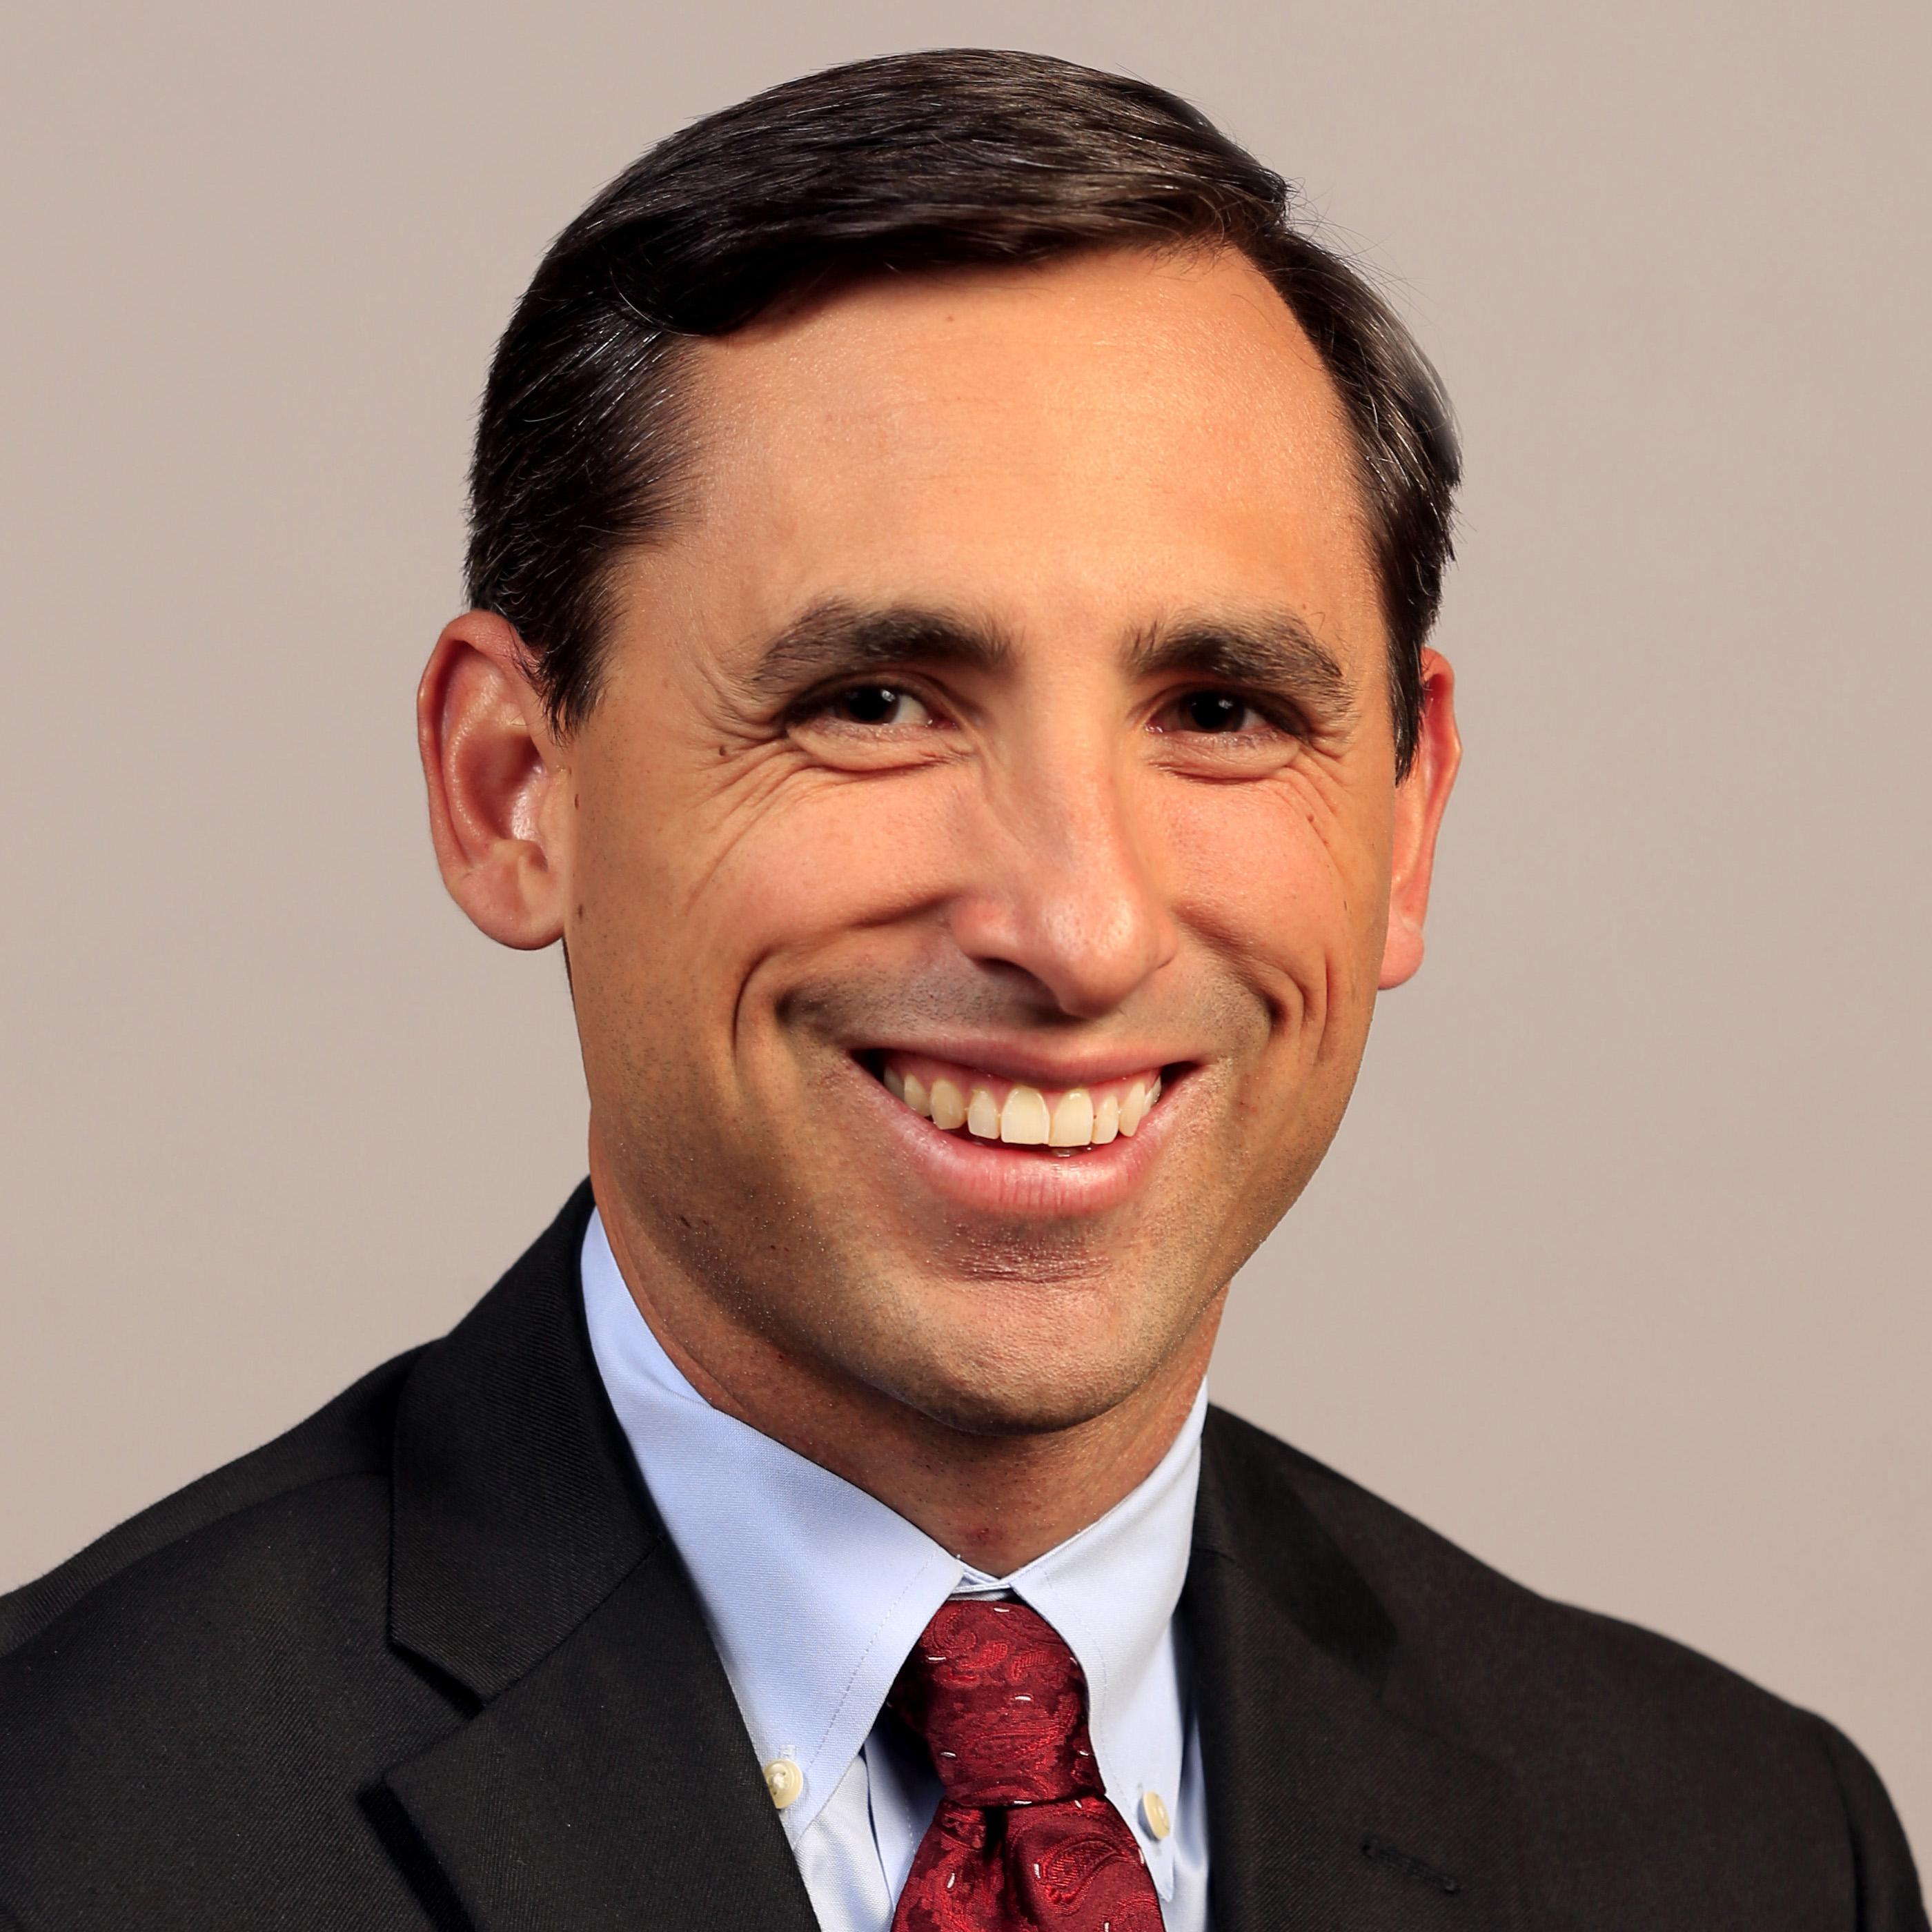 Bryan Delgado